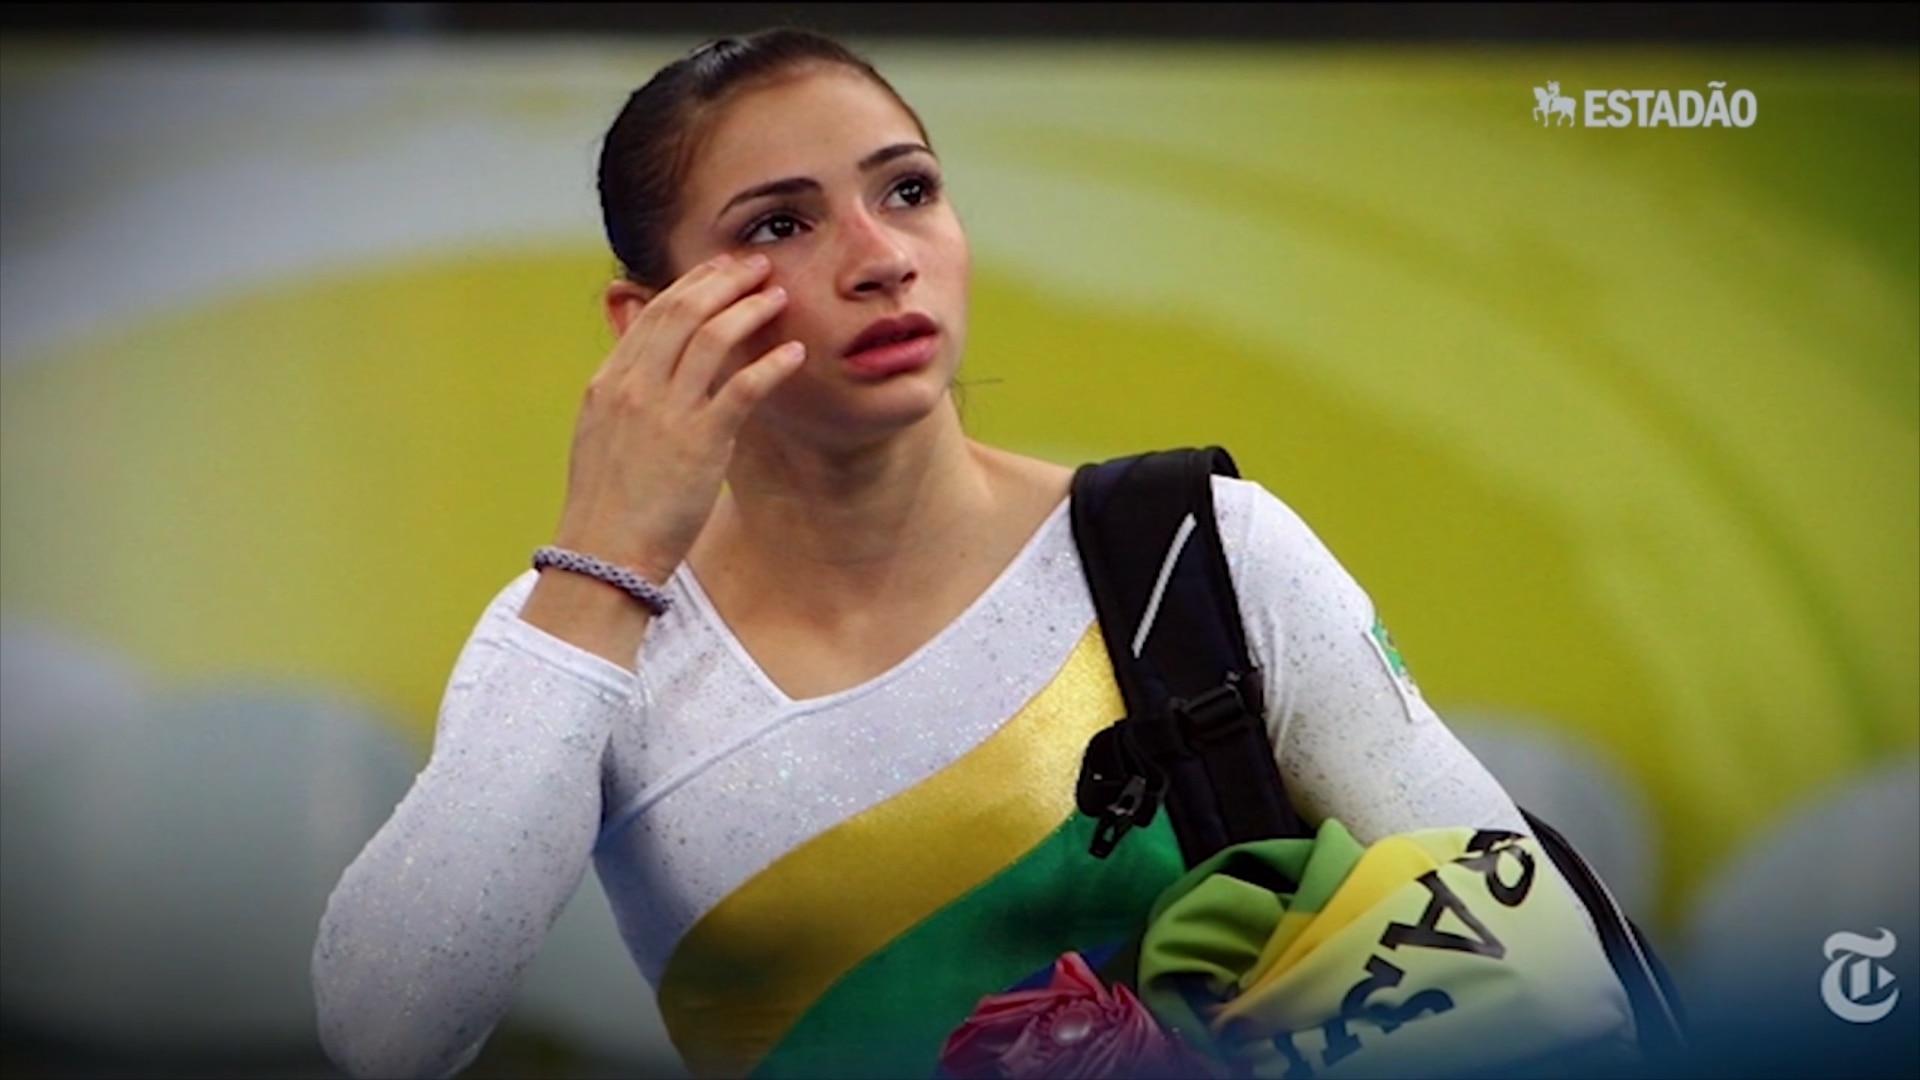 Lais Souza enfrenta luta constante após acidente